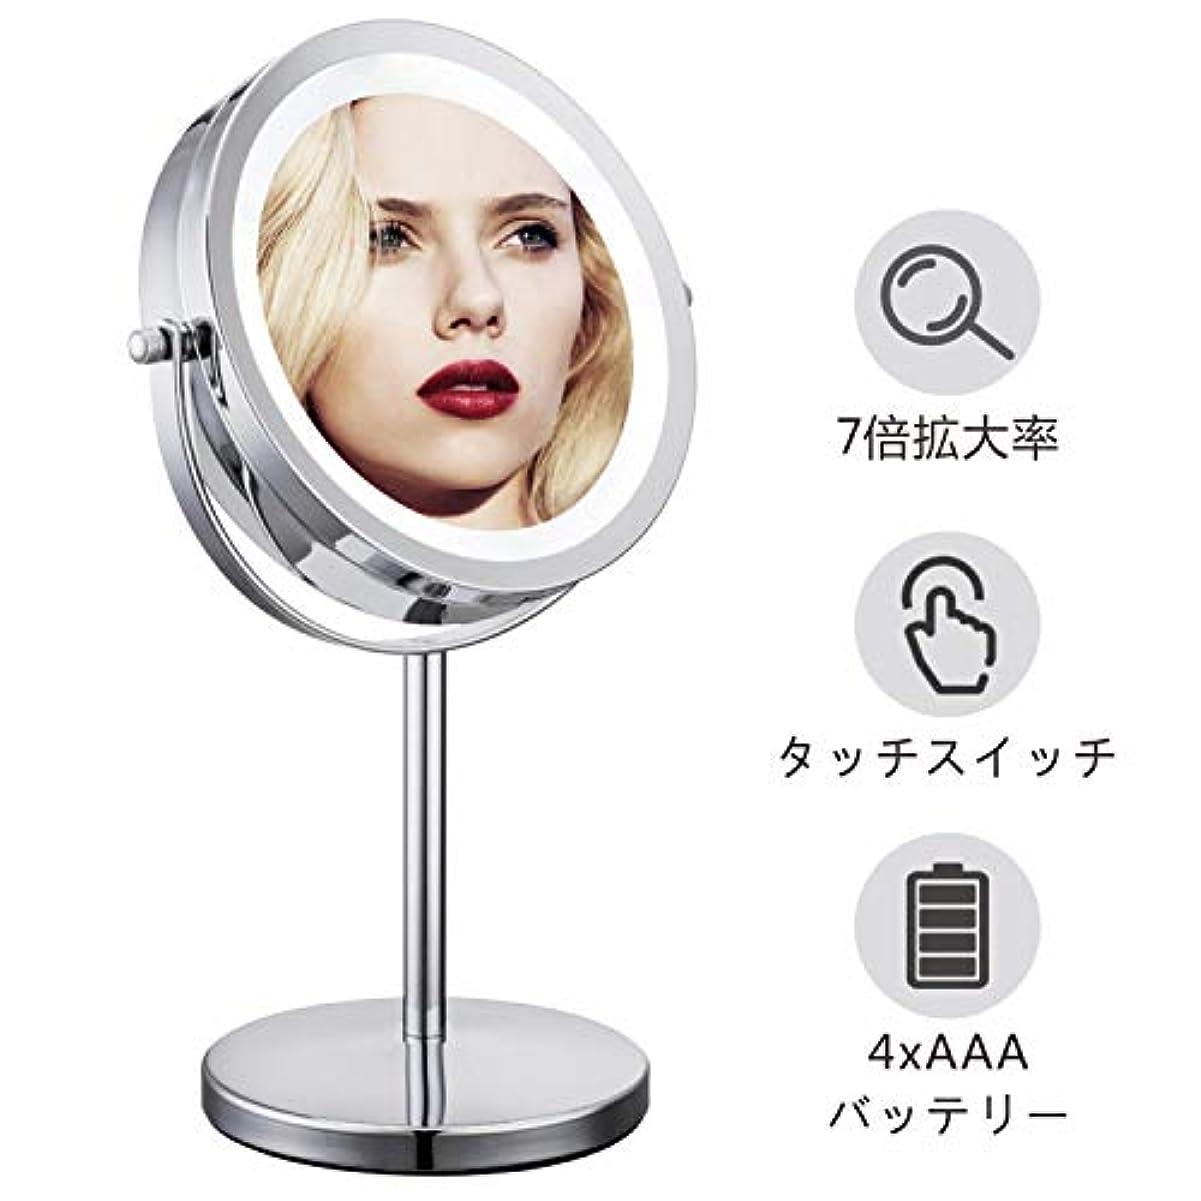 持参フィードバック絶滅Minracler 化粧鏡 7倍拡大 卓上 化粧ミラー led両面鏡 明るさ調節可能 360度回転 (鏡面155mmΦ) 電池給電